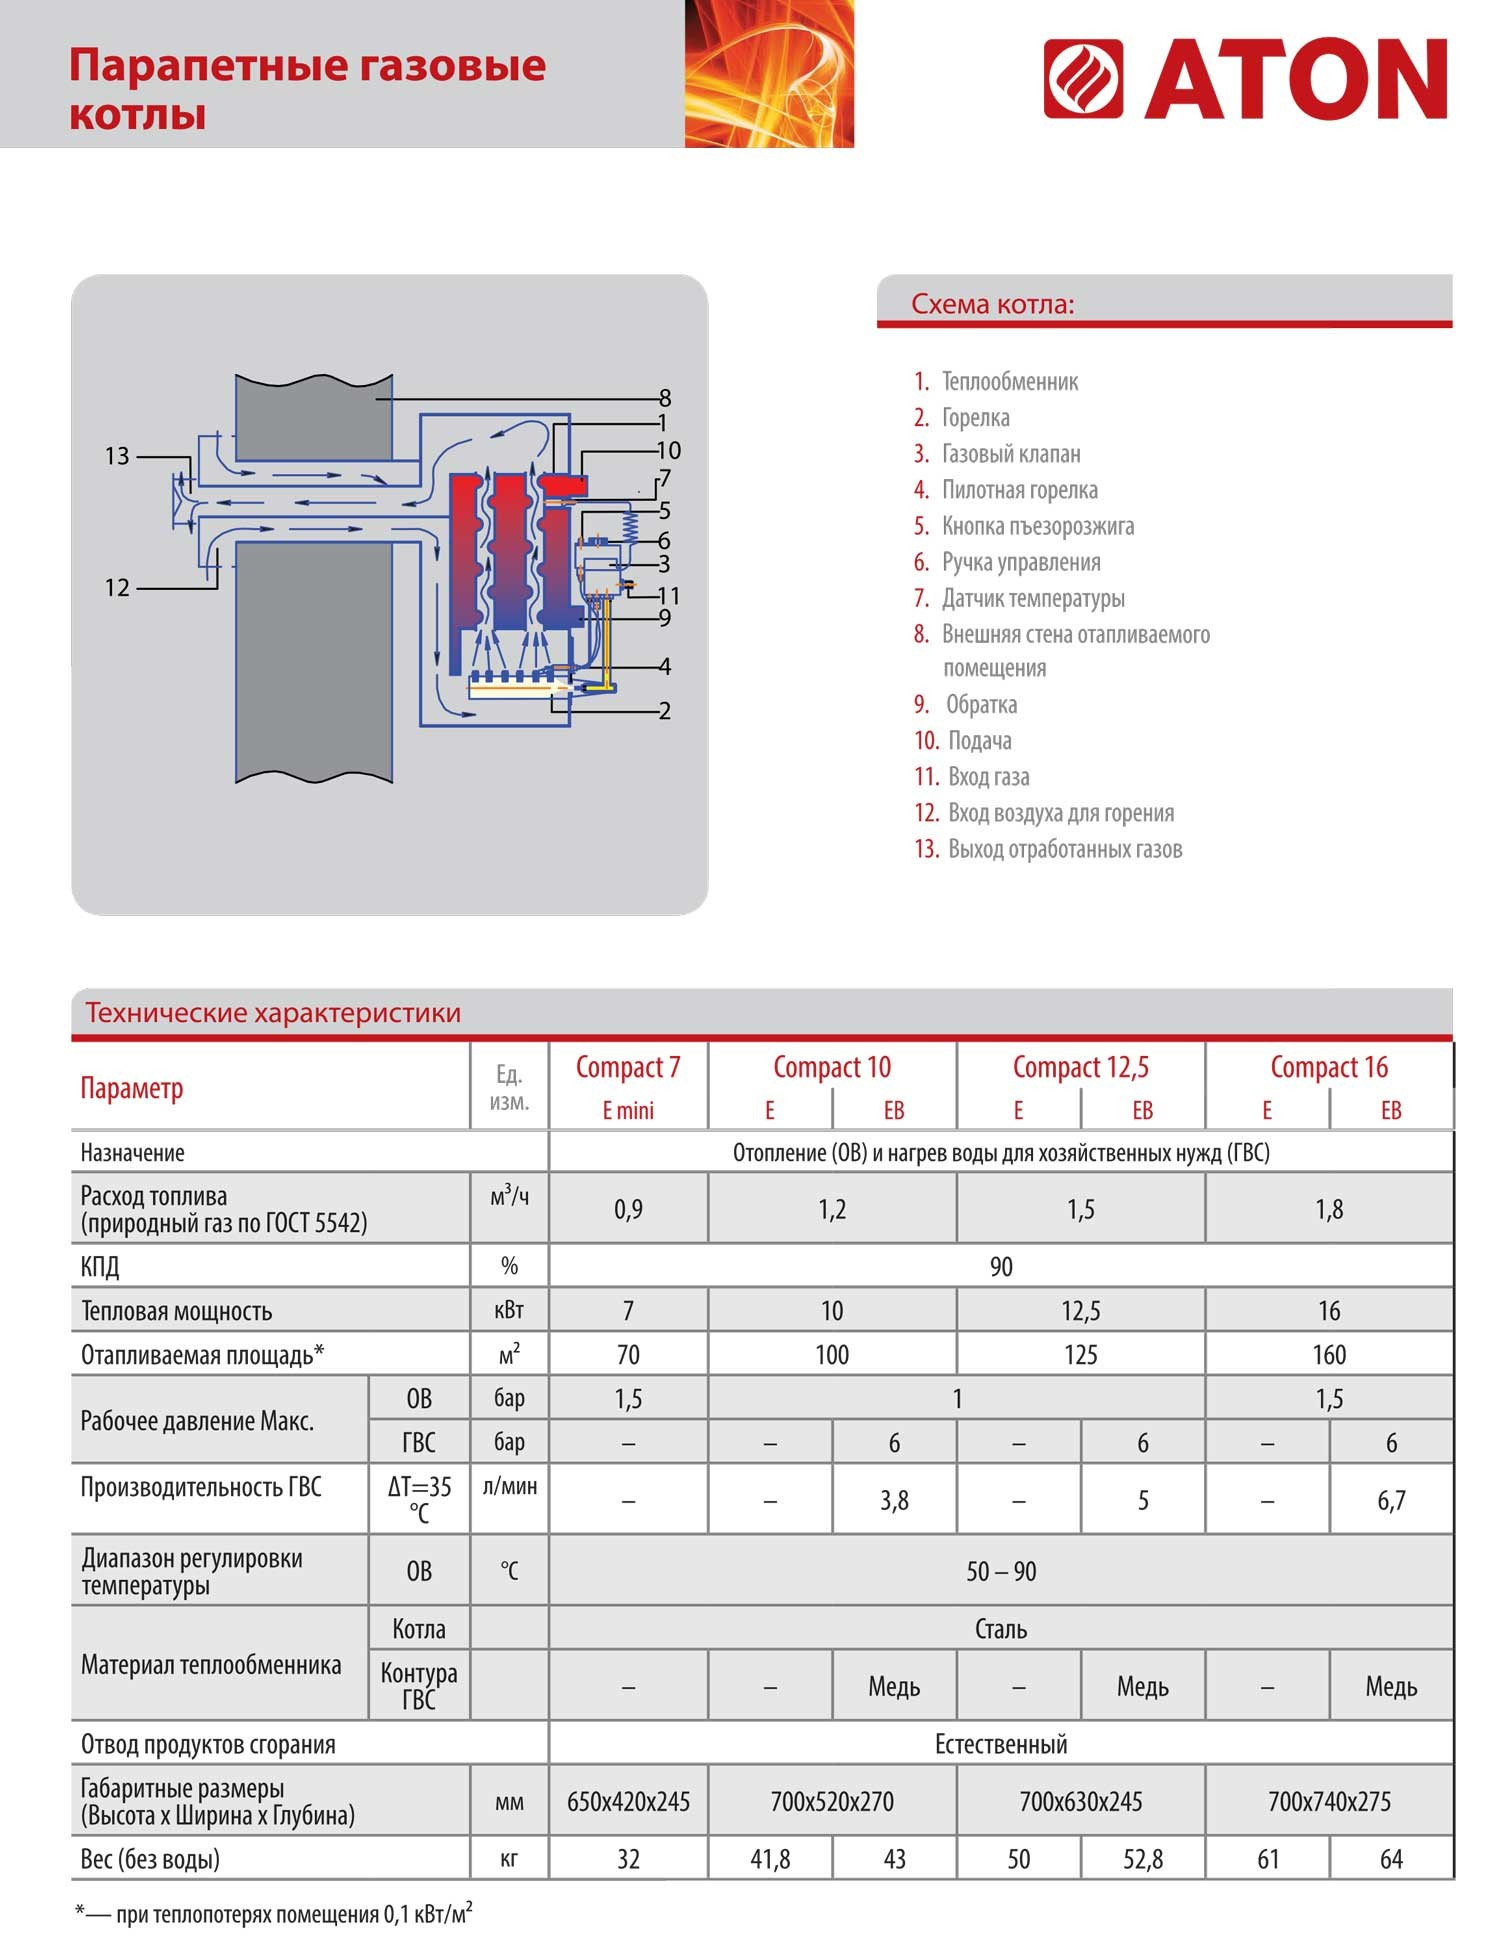 Особенности установки парапетных газовых котлов - oteple.com